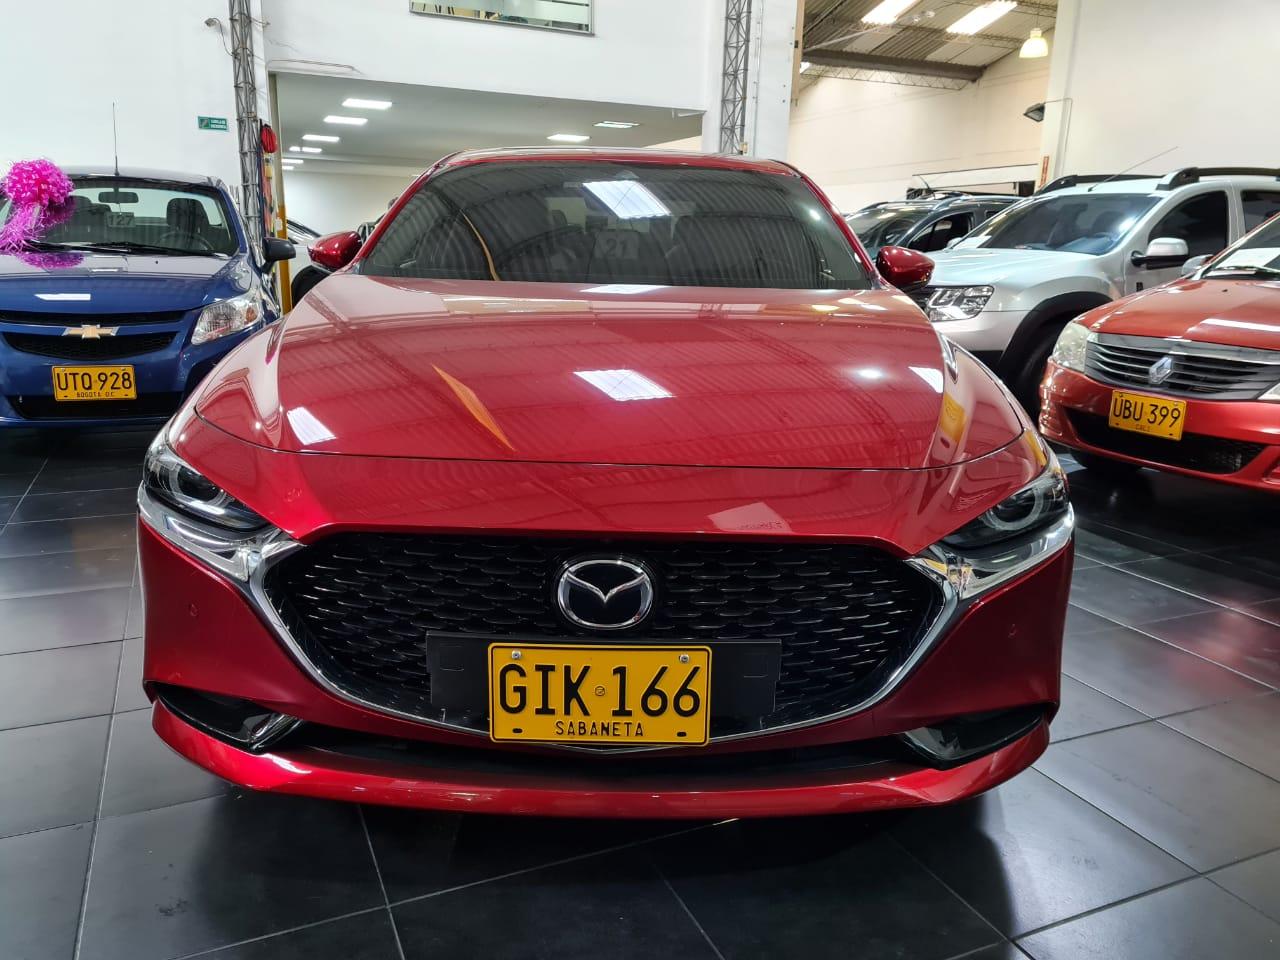 Mazda-3-Grand-Touring-01474213-1